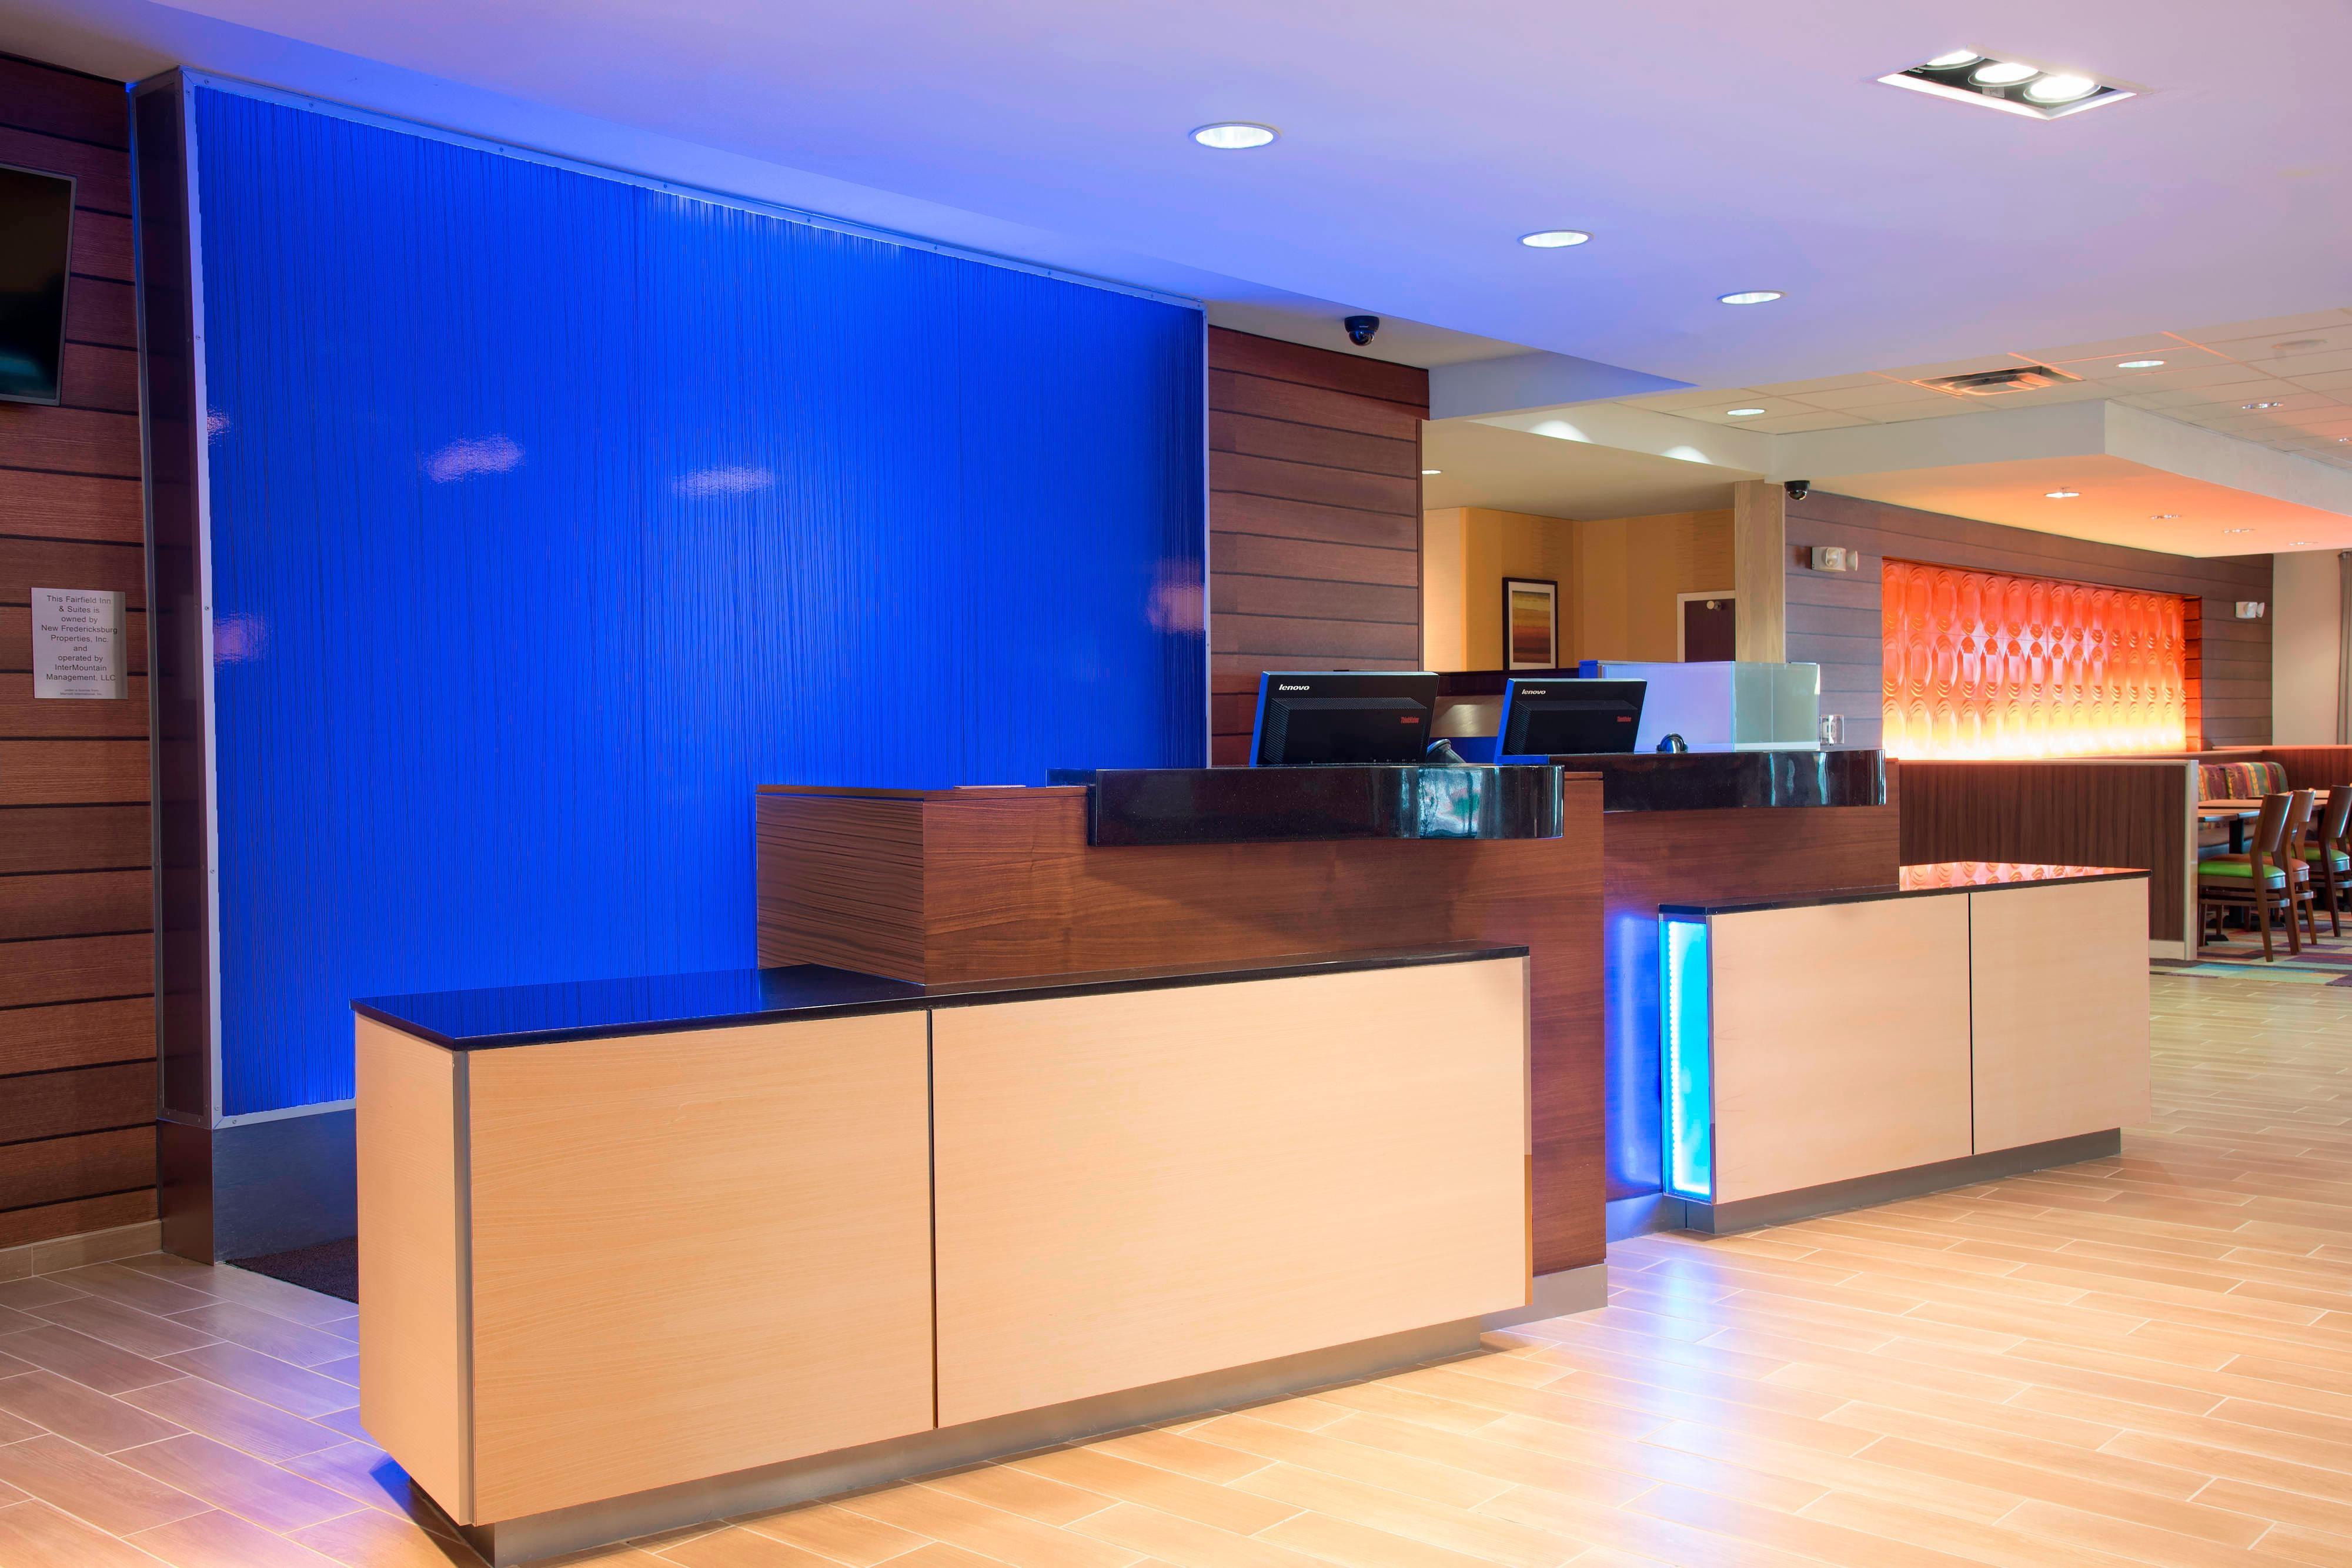 Fairfield Inn & Suites Fredericksburg Front Desk